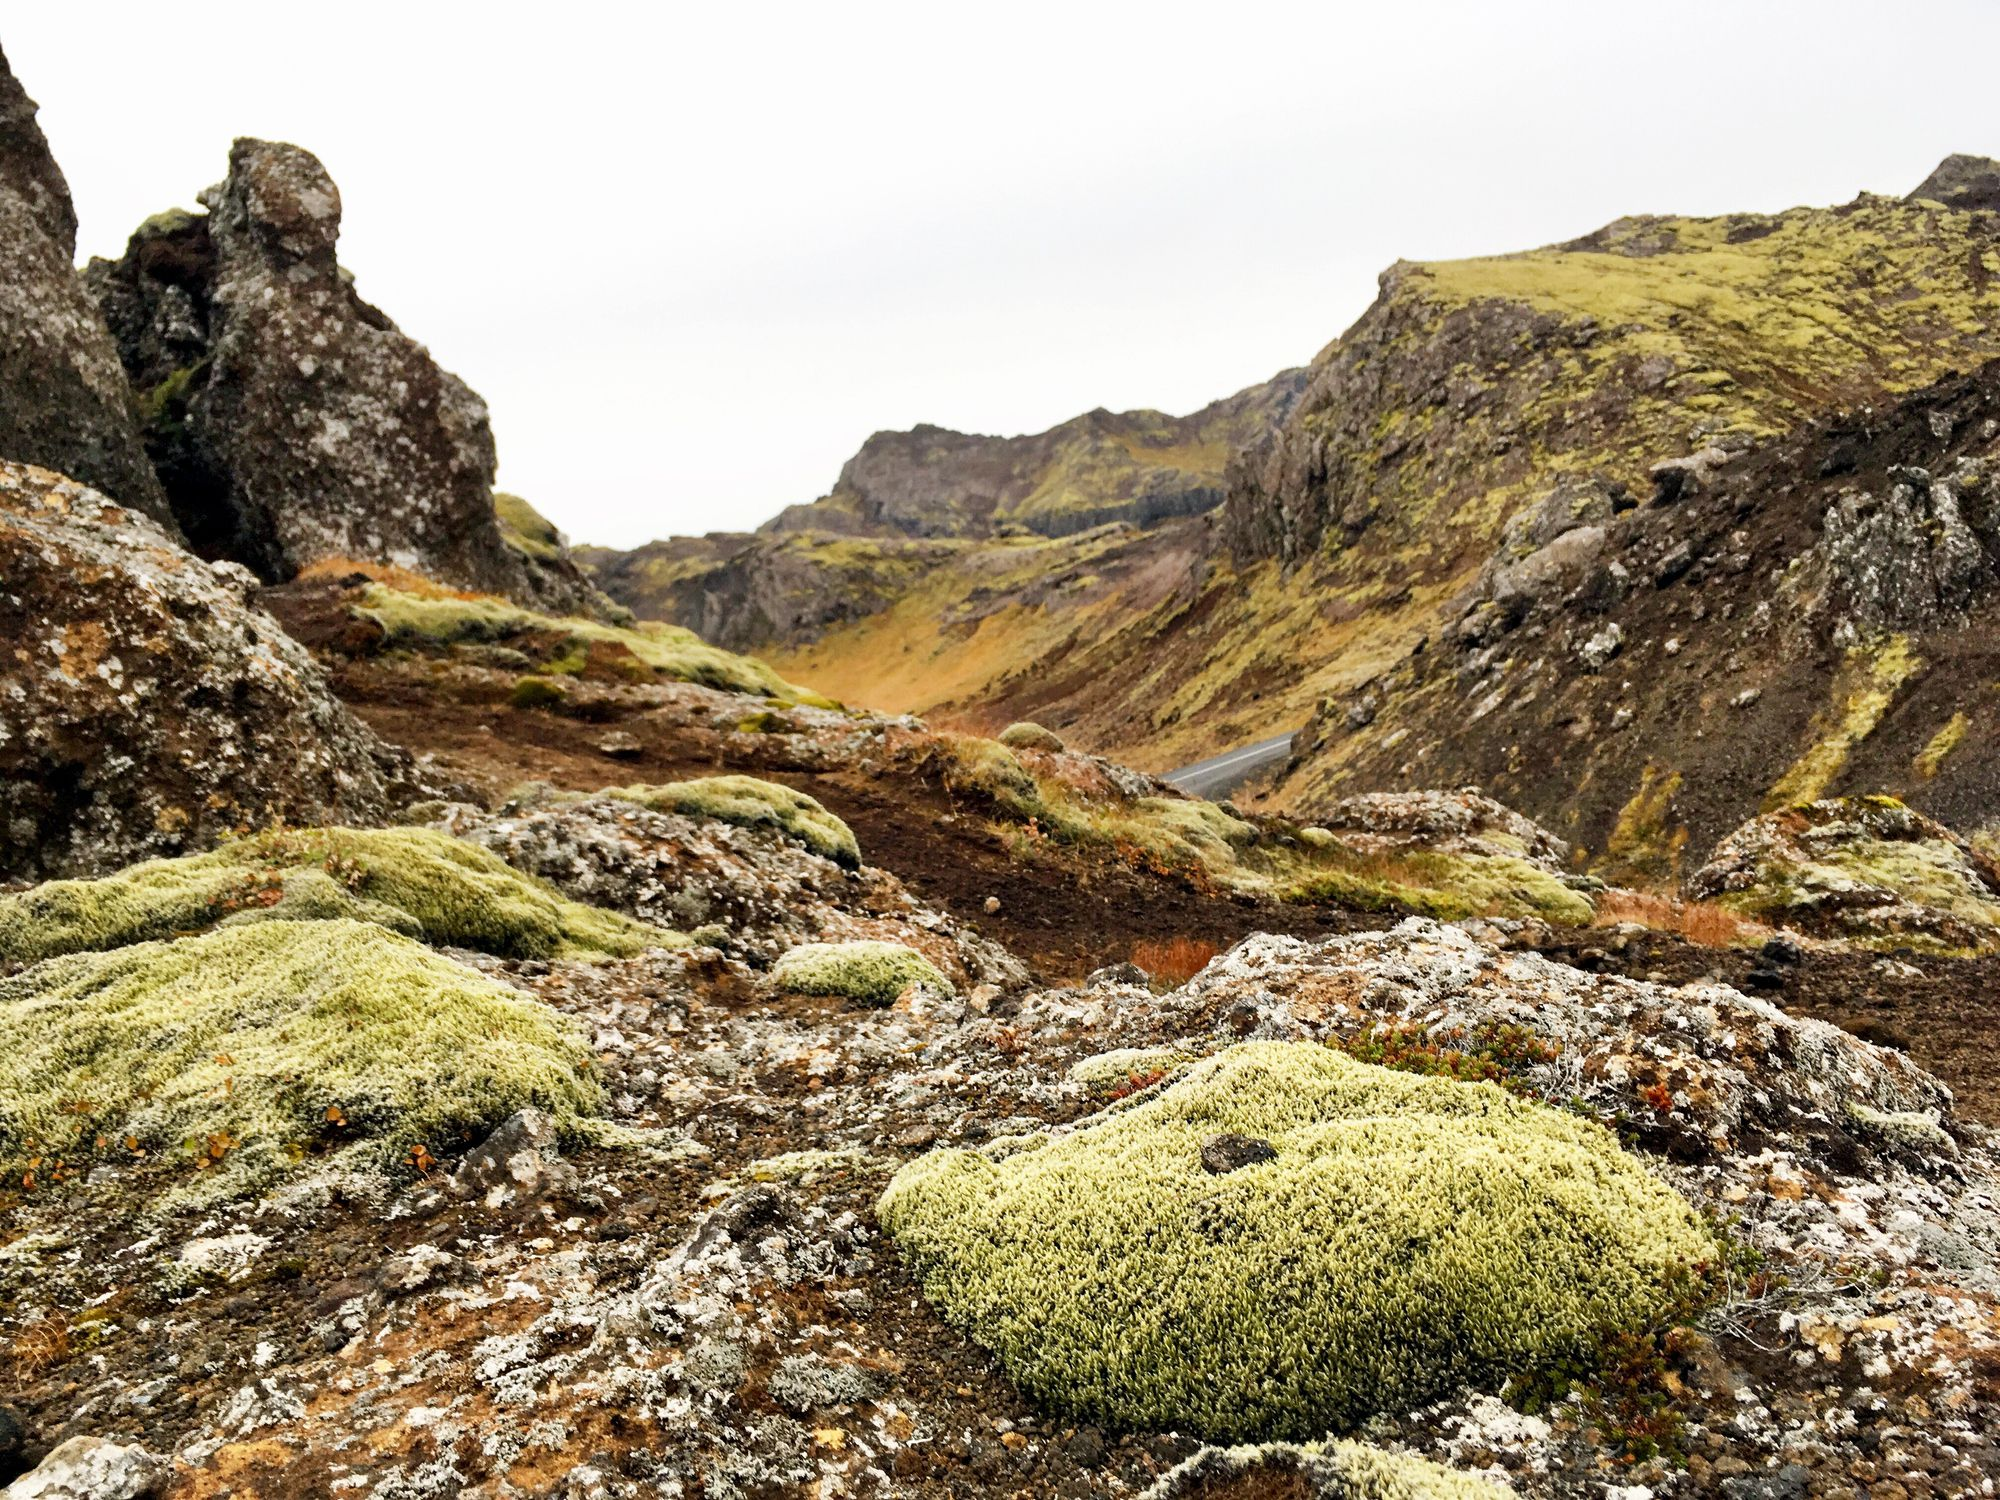 Rocas de montaña cubiertas de musgo, Hengilssvæðið, Islandia